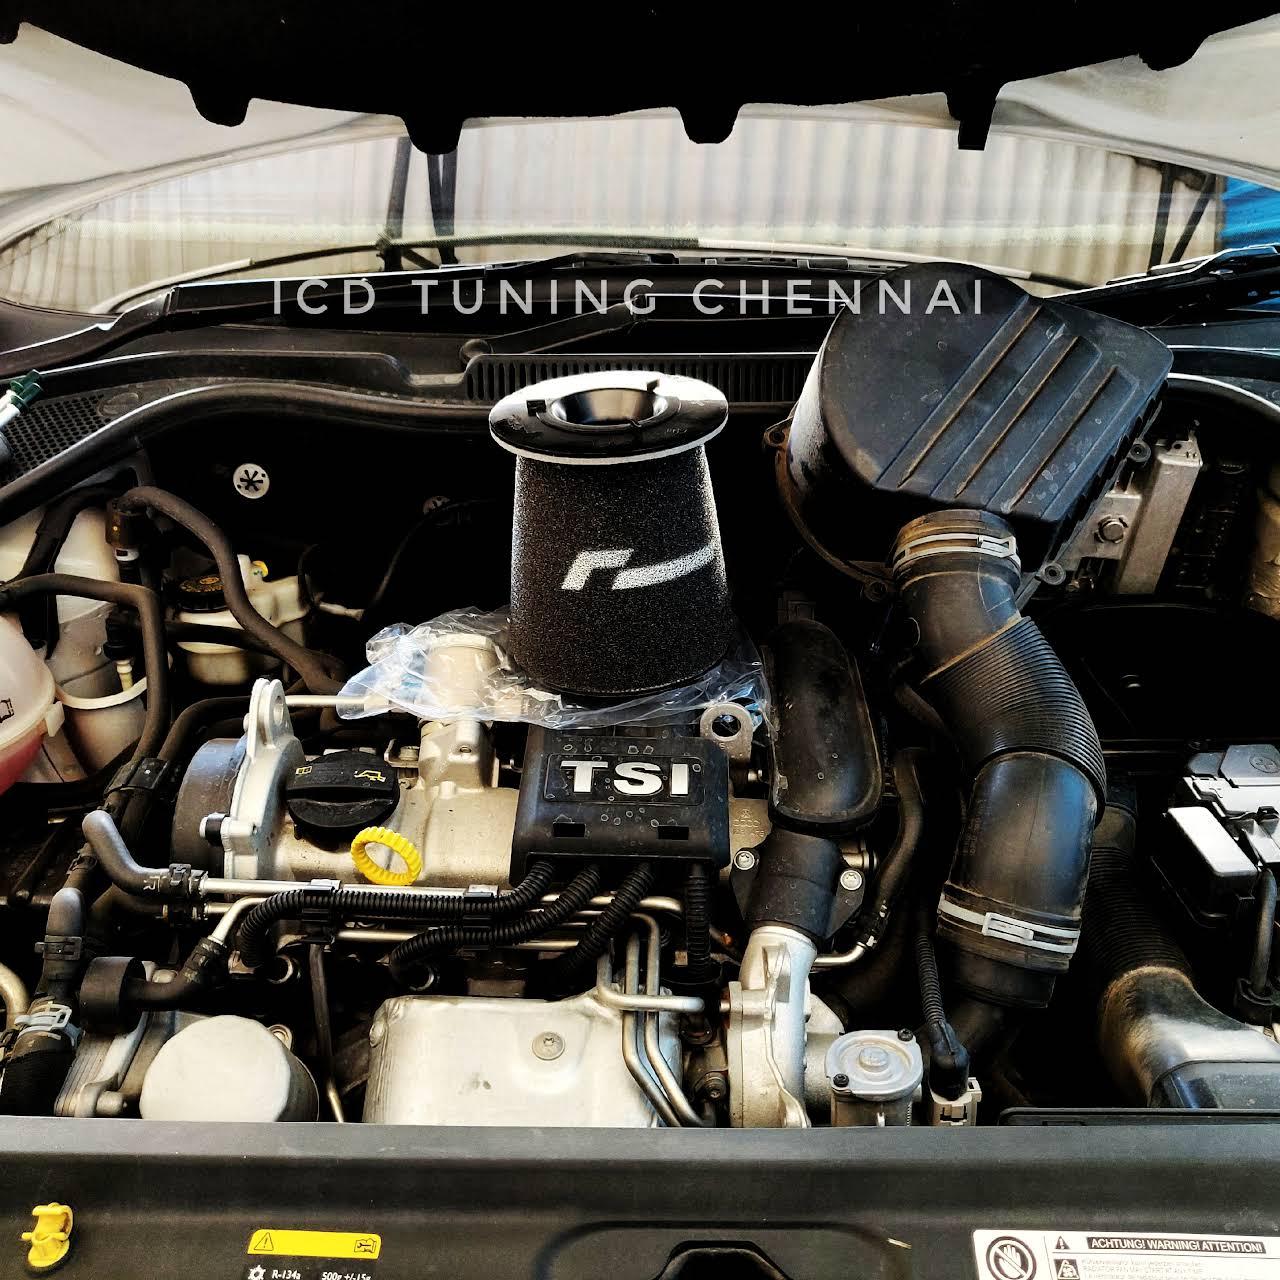 ICD CAR REPAIR SERVICE IN CHENNAI ADYAR NEAR ME - Car